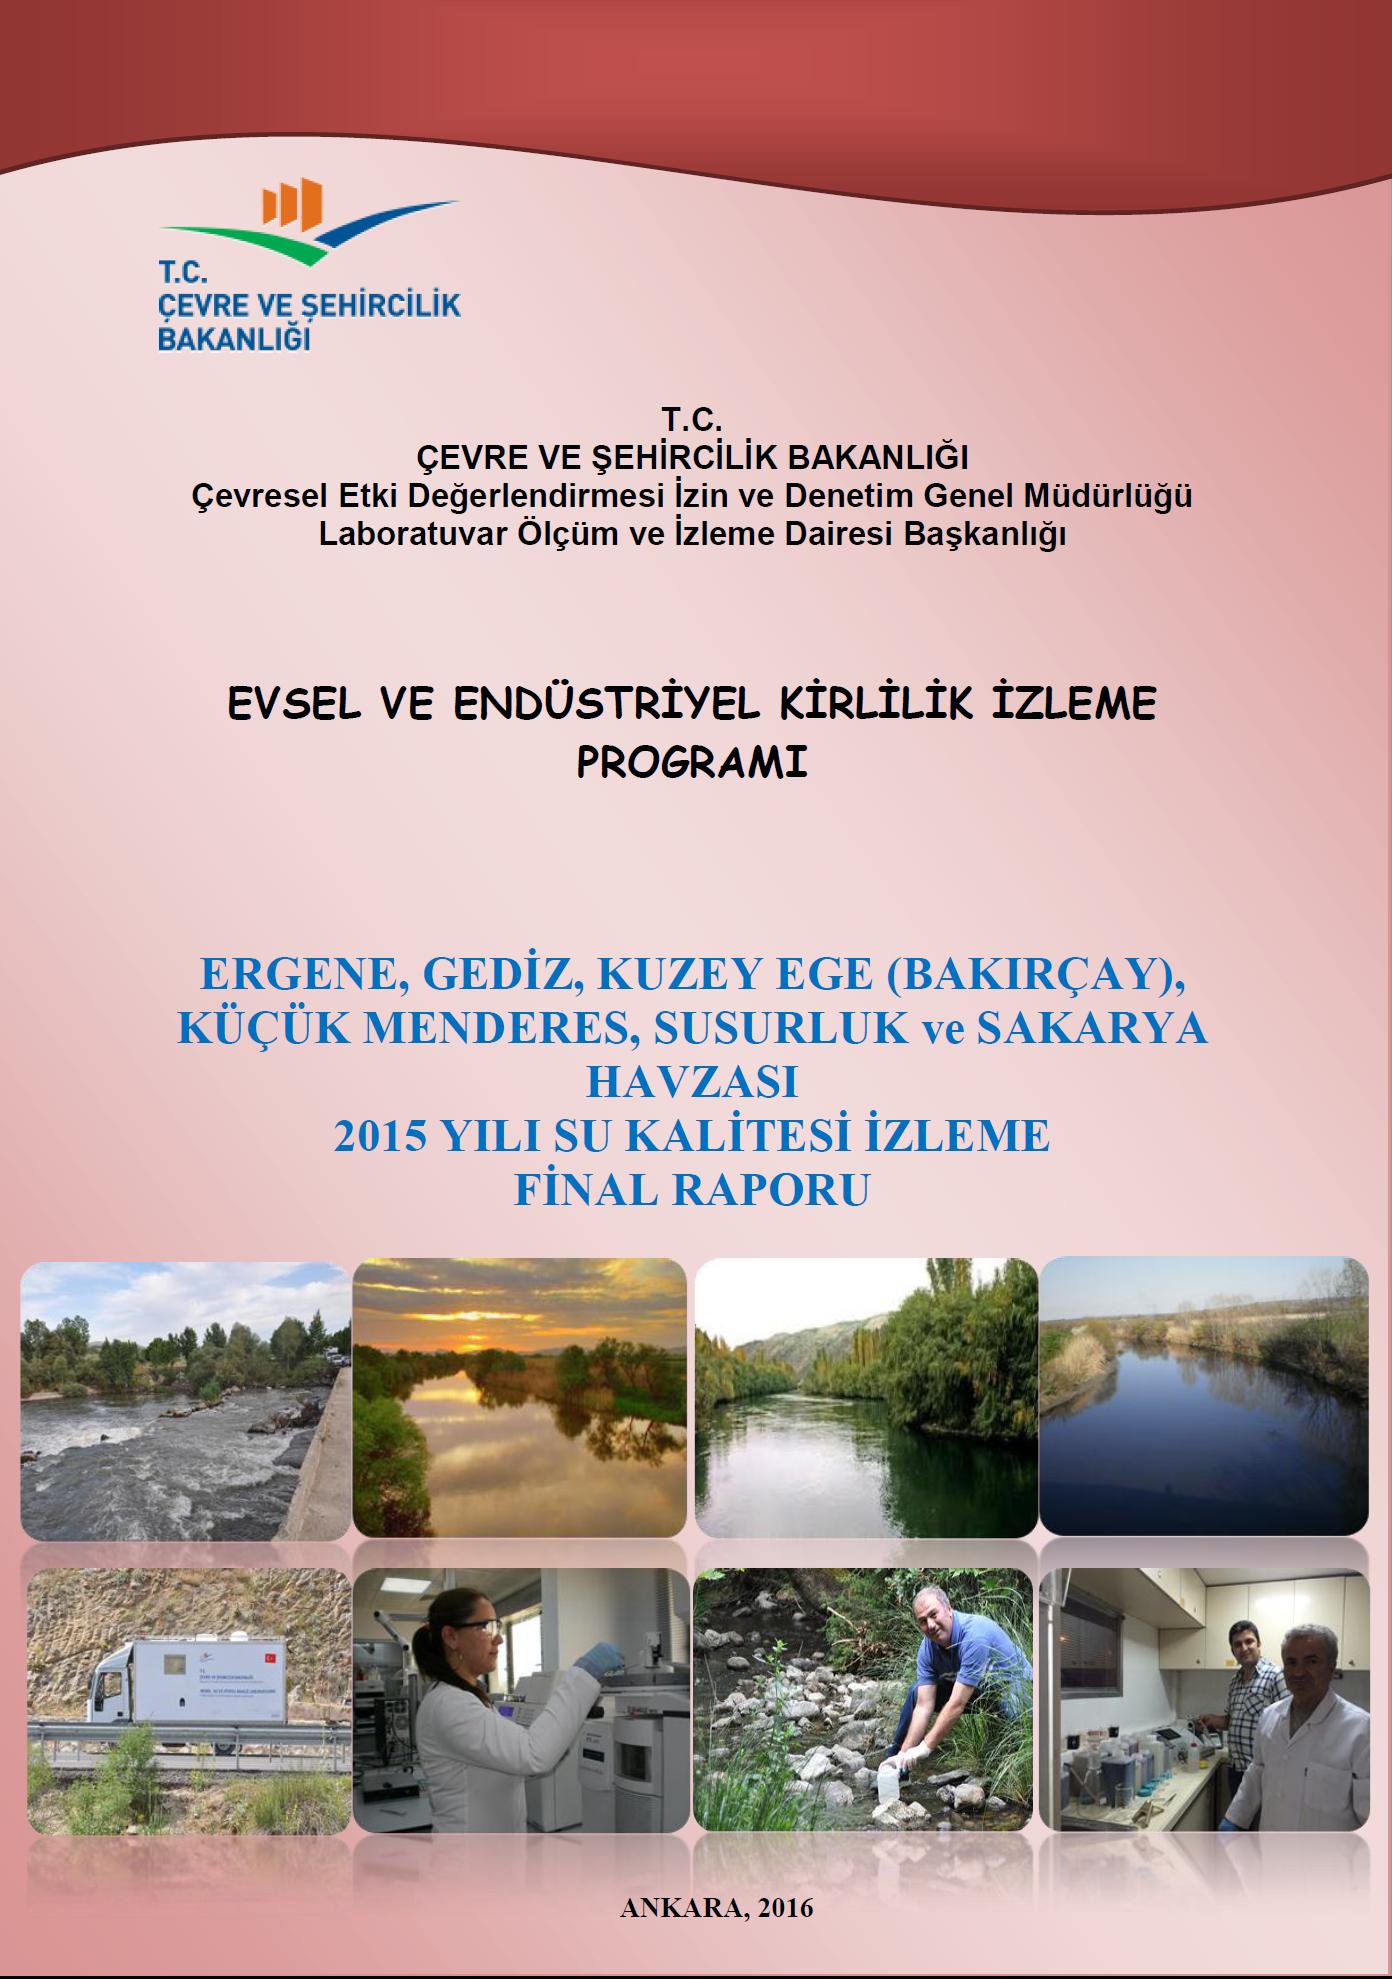 """""""Ergene, Gediz, Kuzey Ege, Küçük Menderes, Sakarya ve Susurluk Havzası 2015 Yılı Su Kalitesi İzleme Final Raporu"""